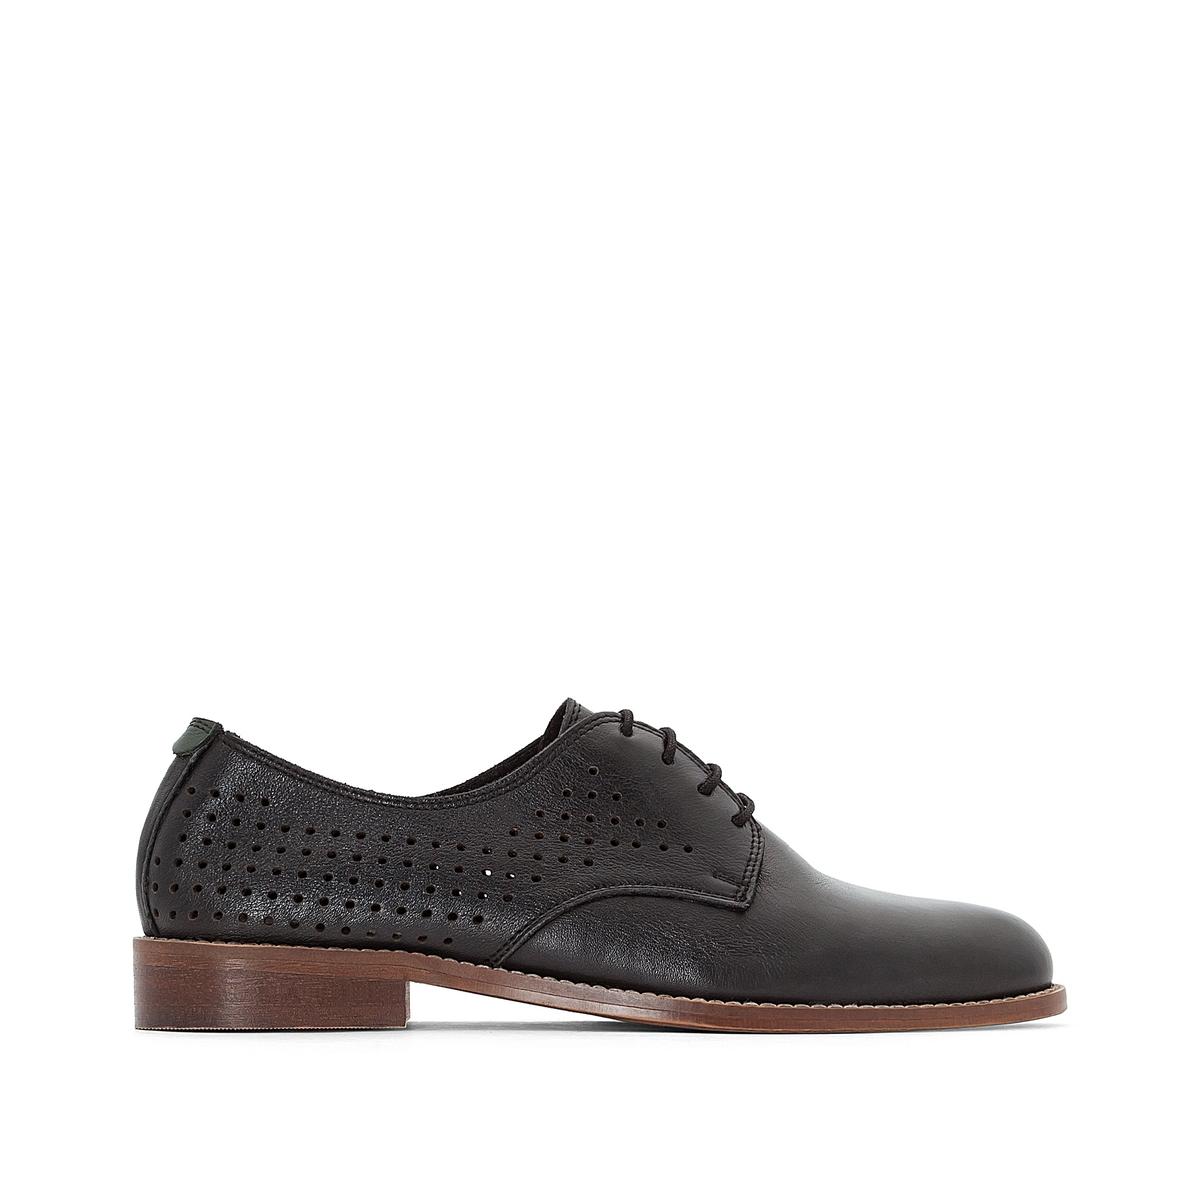 Ботинки-дерби TULO ботинки дерби под кожу питона